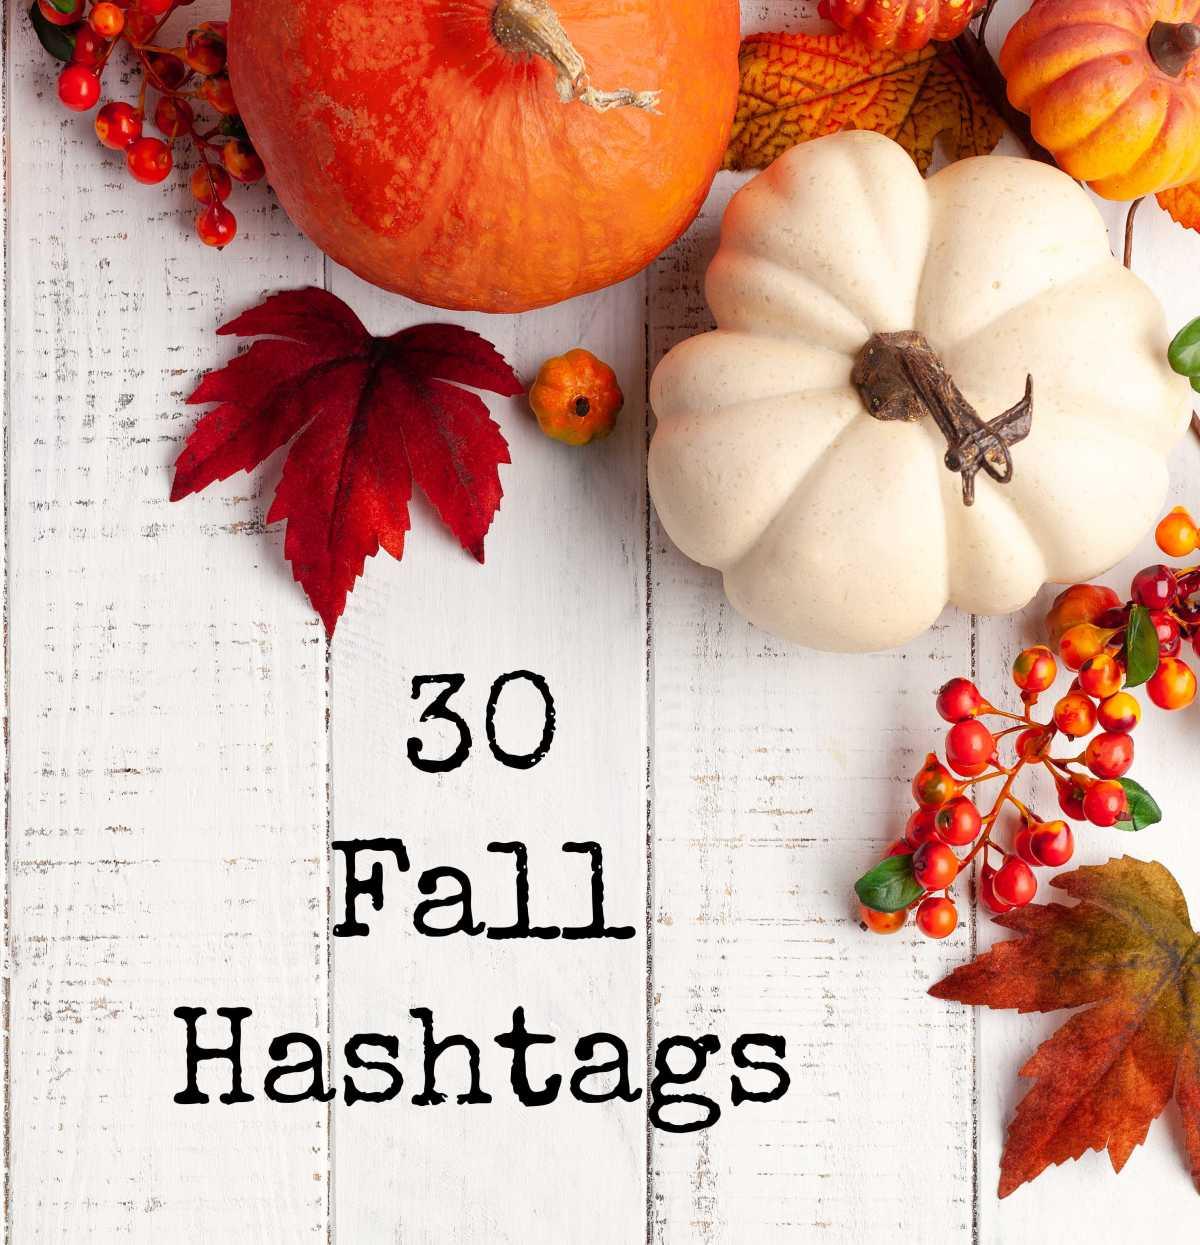 30 Fall Hashtags